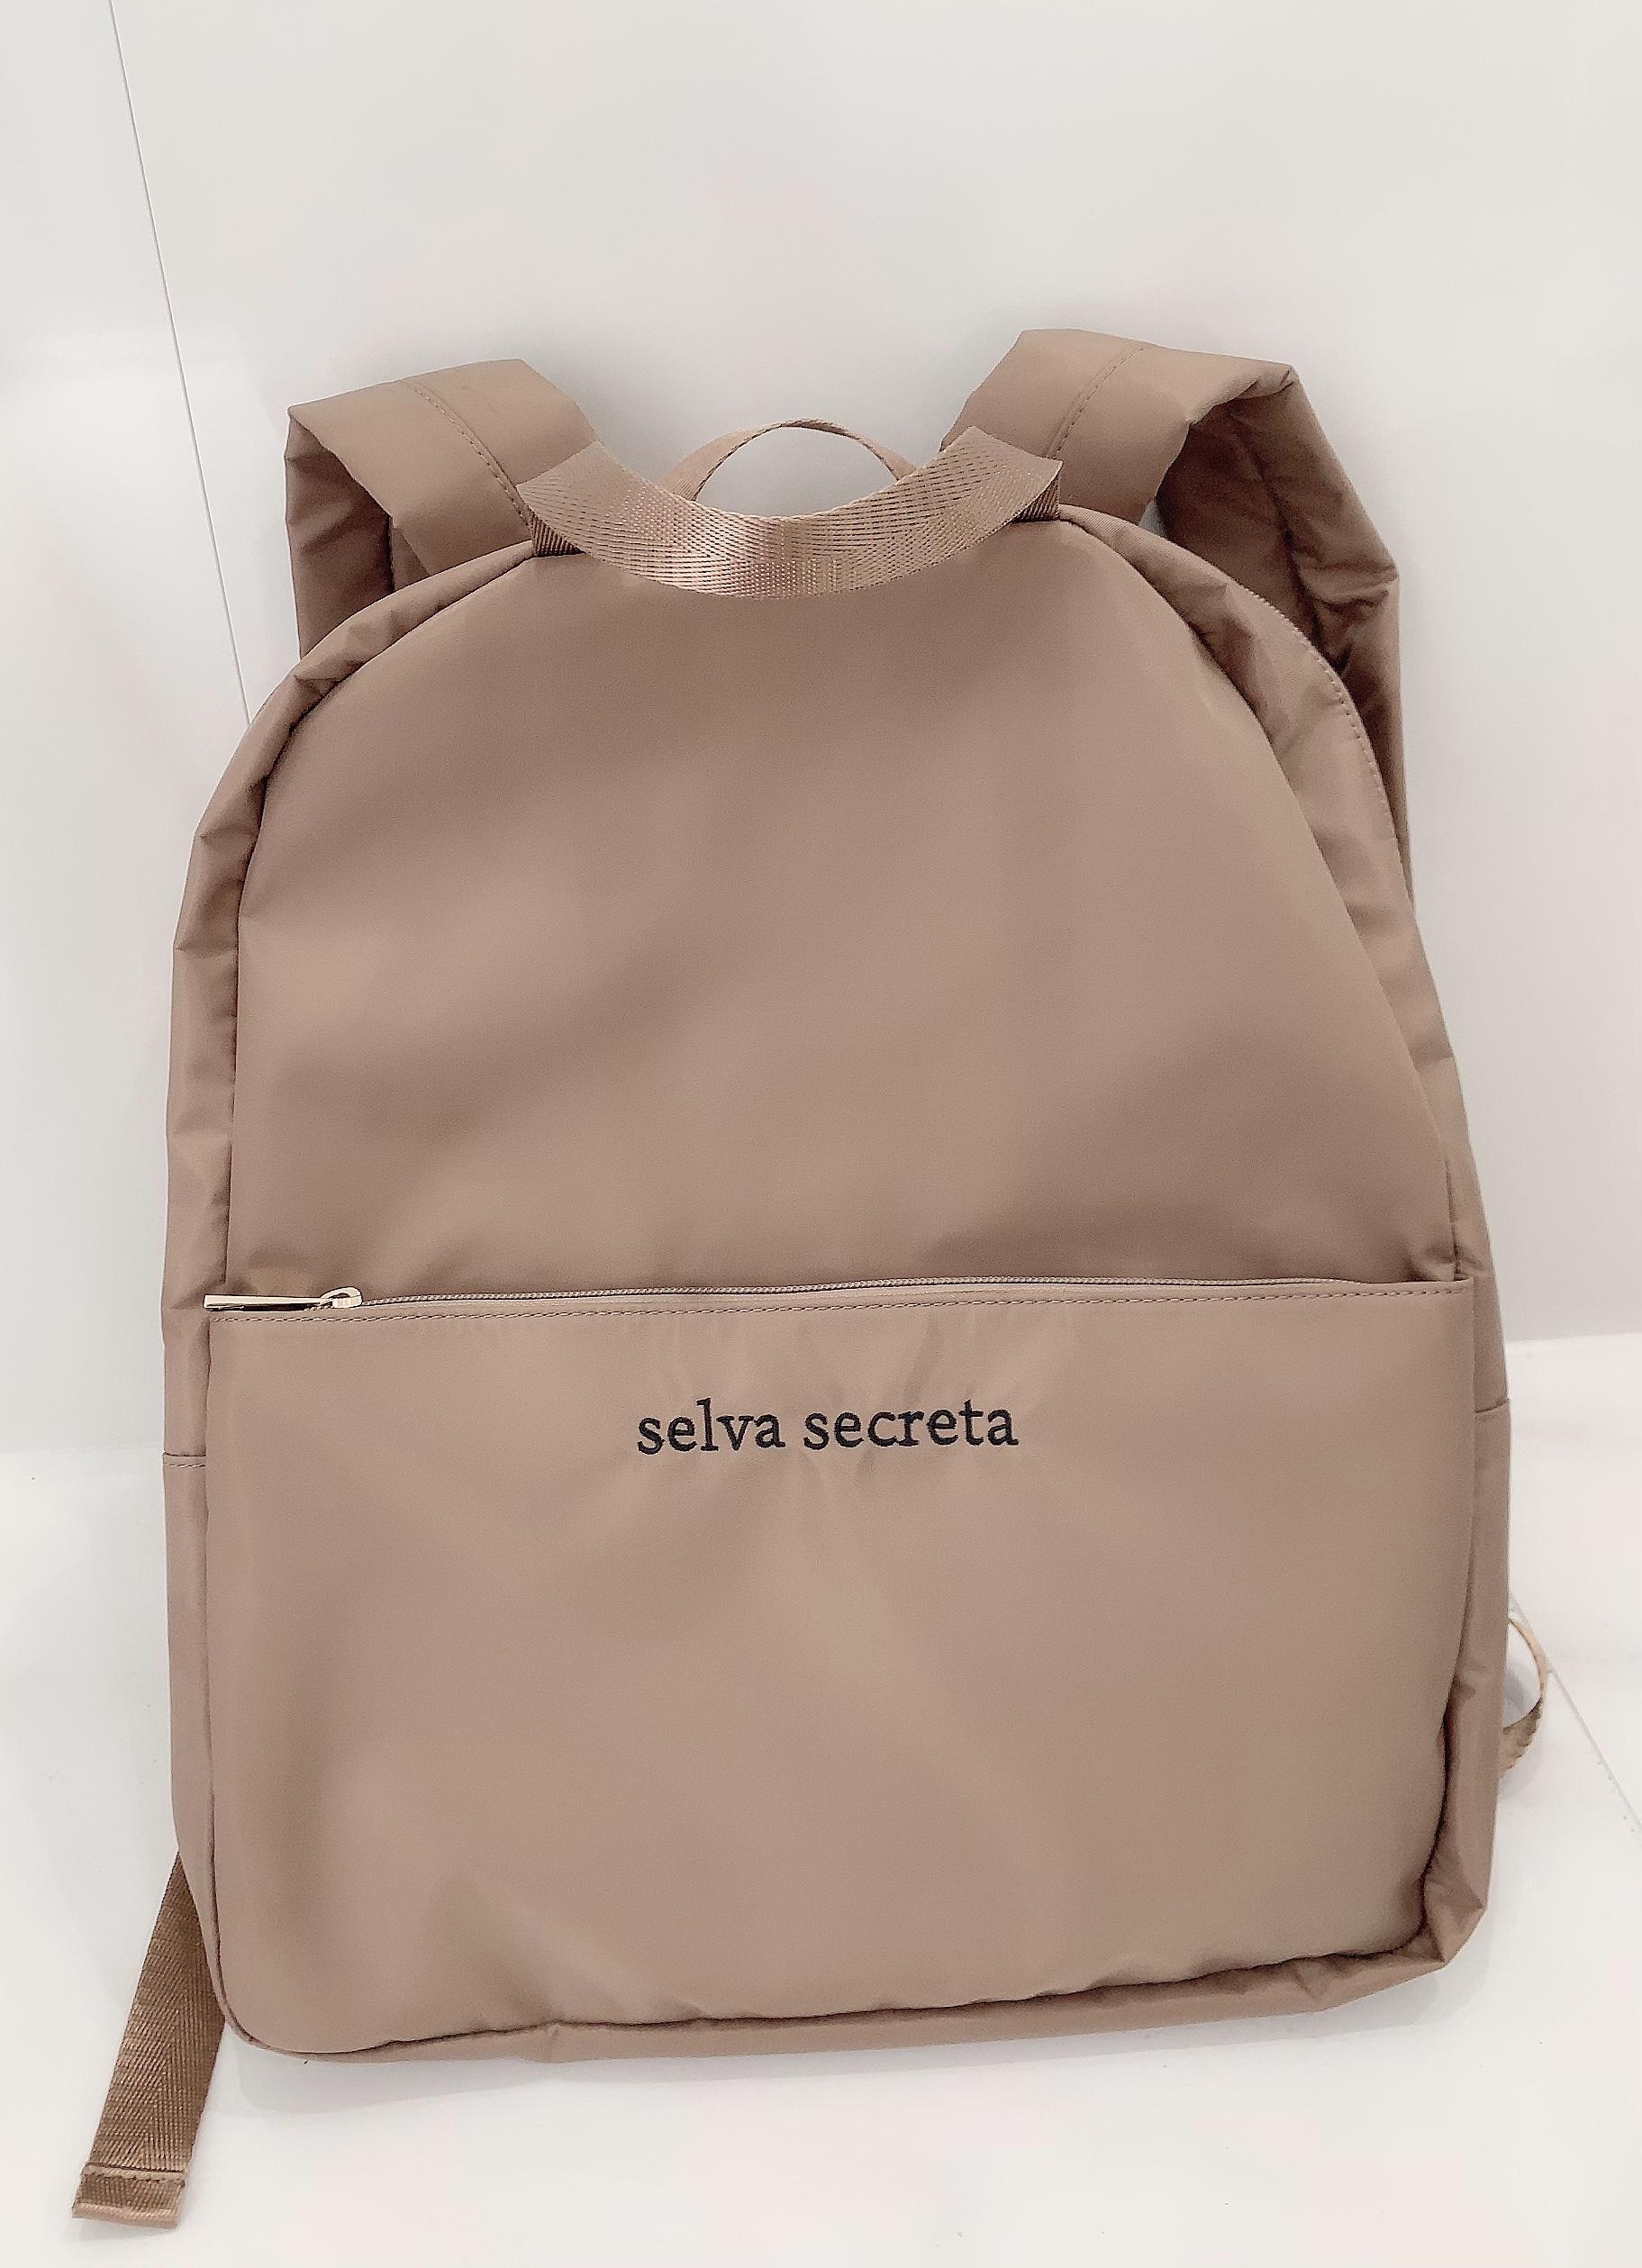 【selva secreta】RUCKSACK(beige)